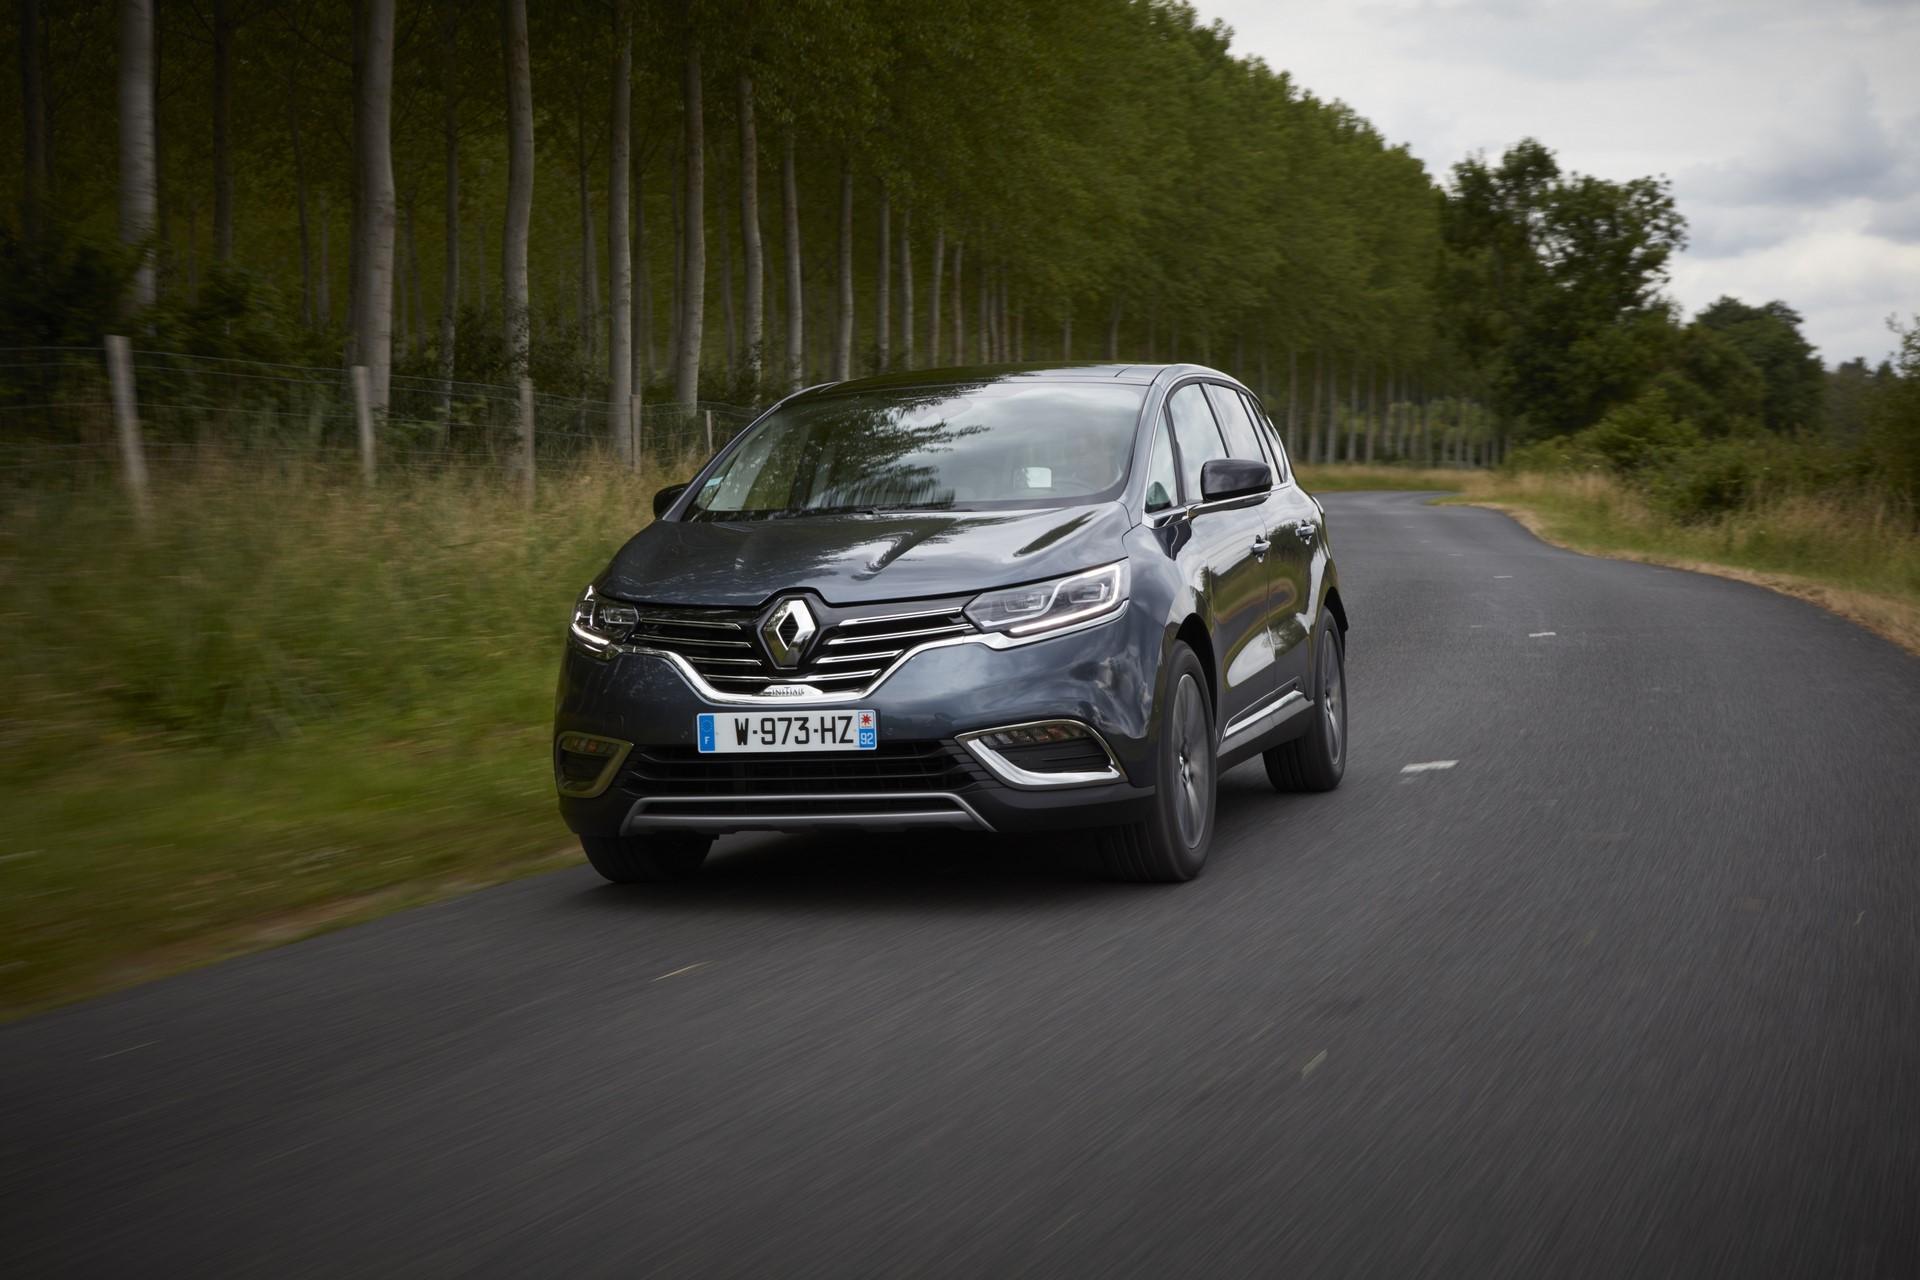 Renault_93208_global_en